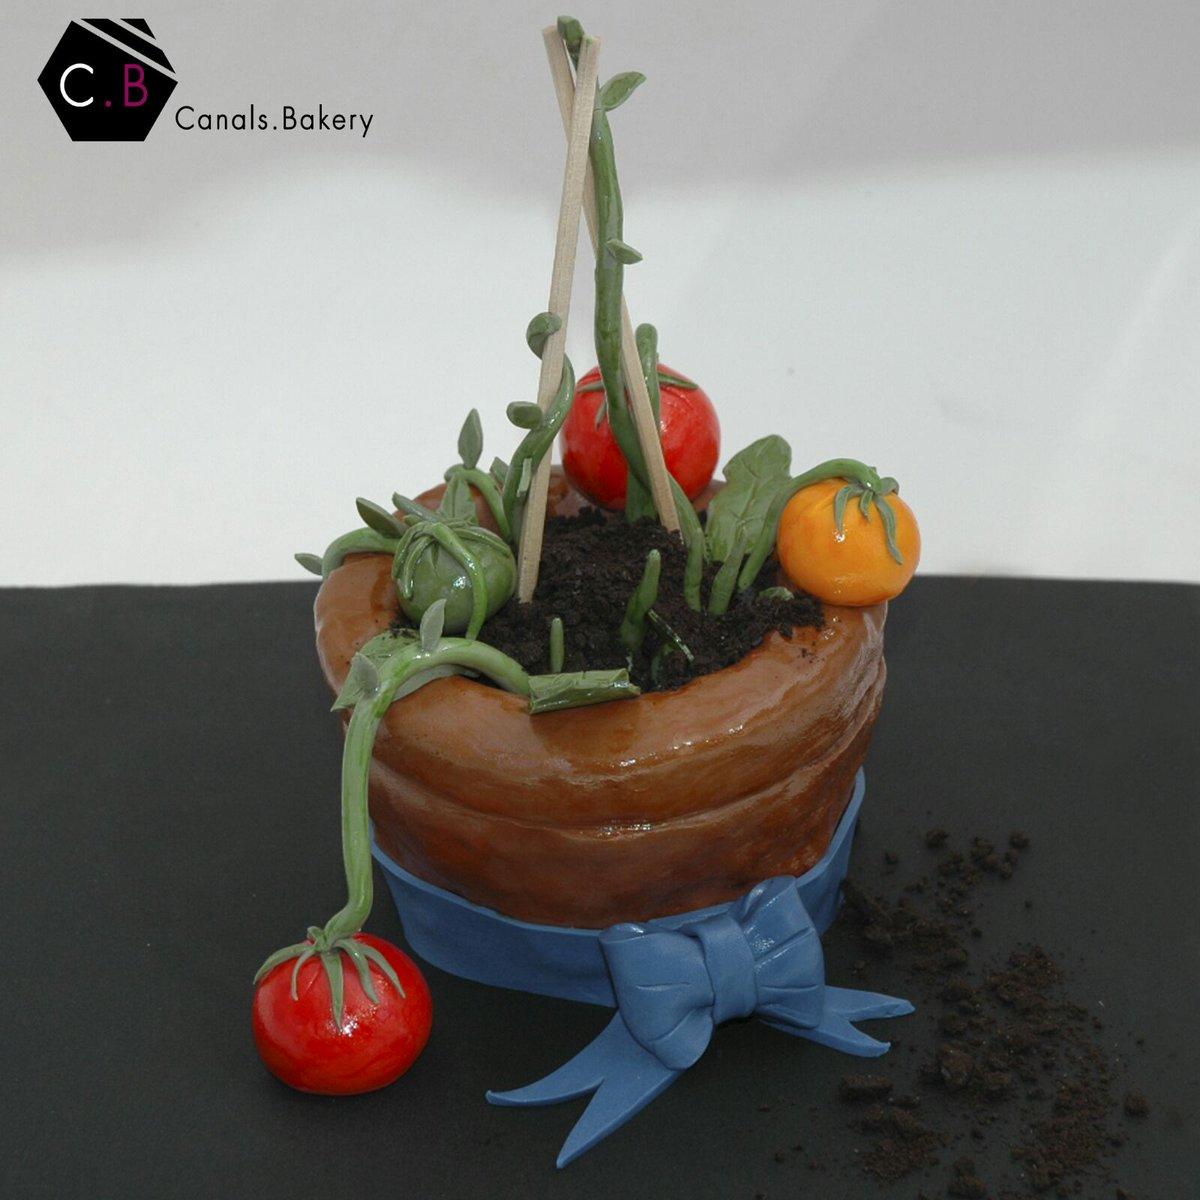 Canalskery On Twitter Tomato Plant Cake Gotmelike